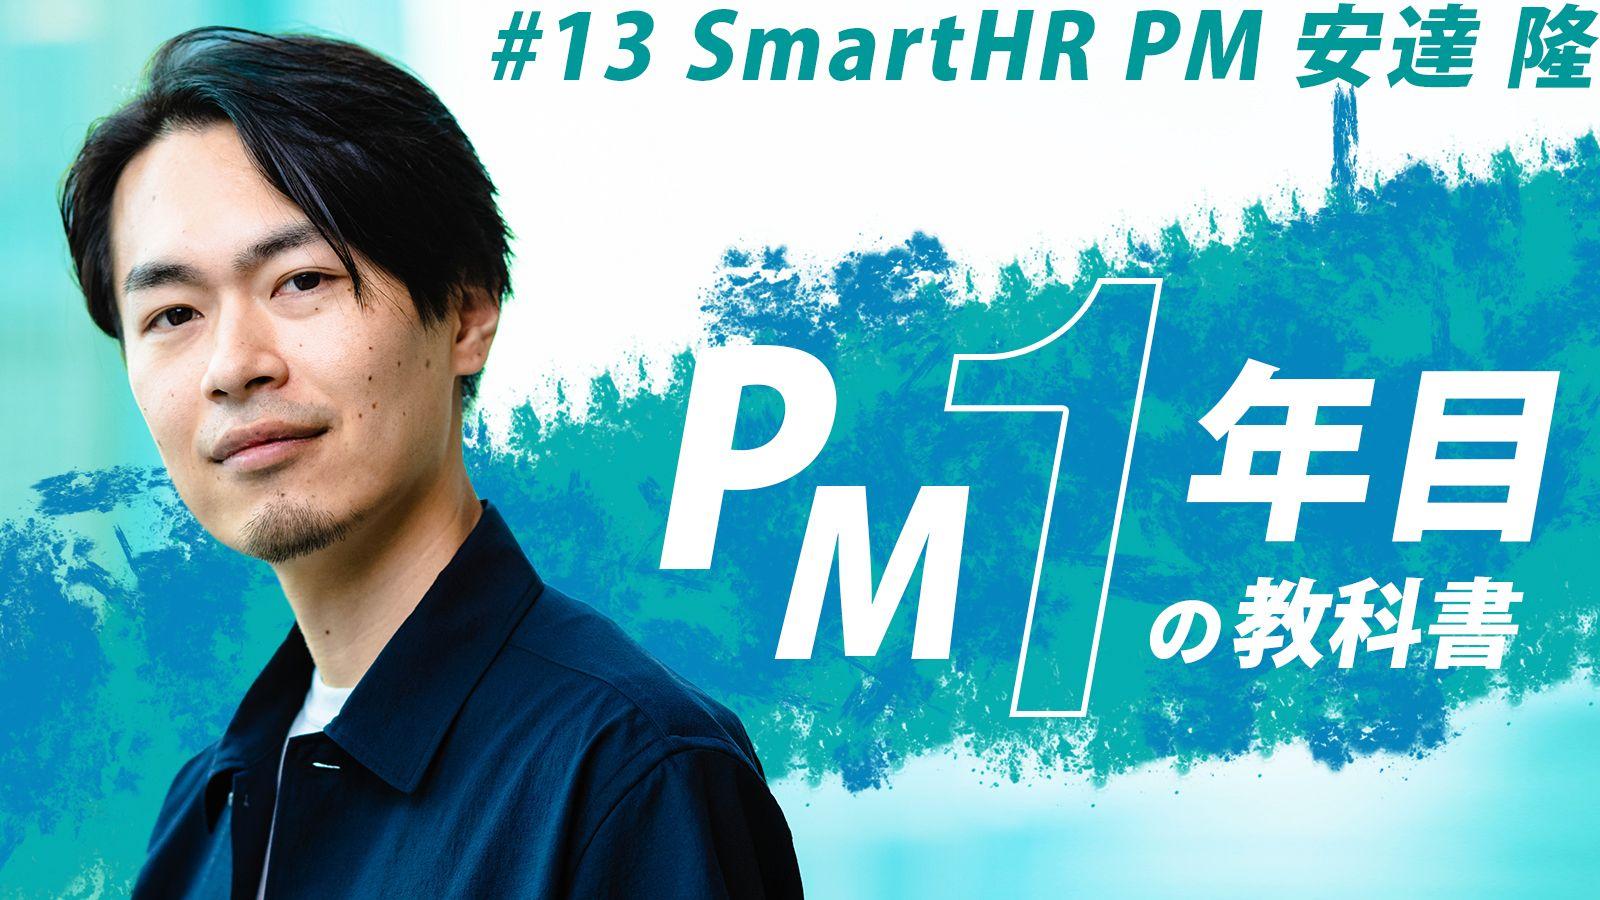 「上司に決断を委ねるな」PM1年目から大切にしたいマインドセット|SmartHR プロダクト責任者 安達隆